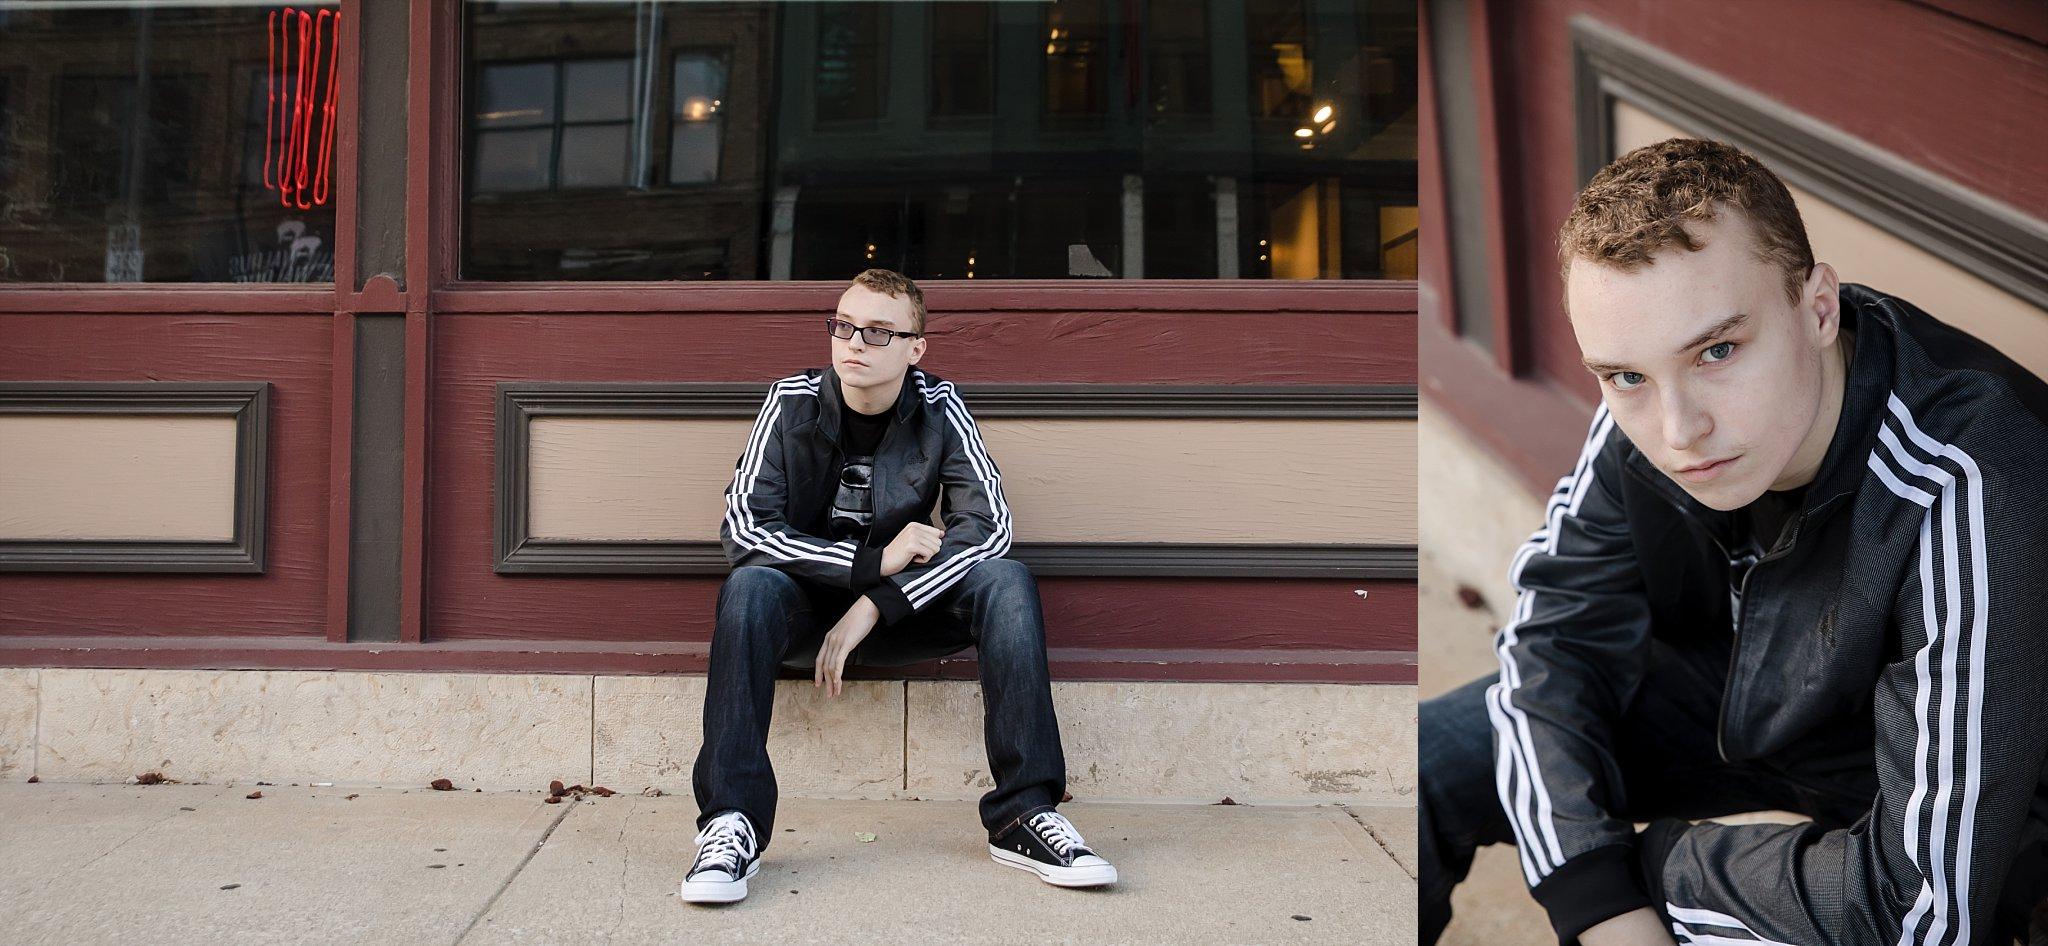 downtown columbus, ohio senior photos